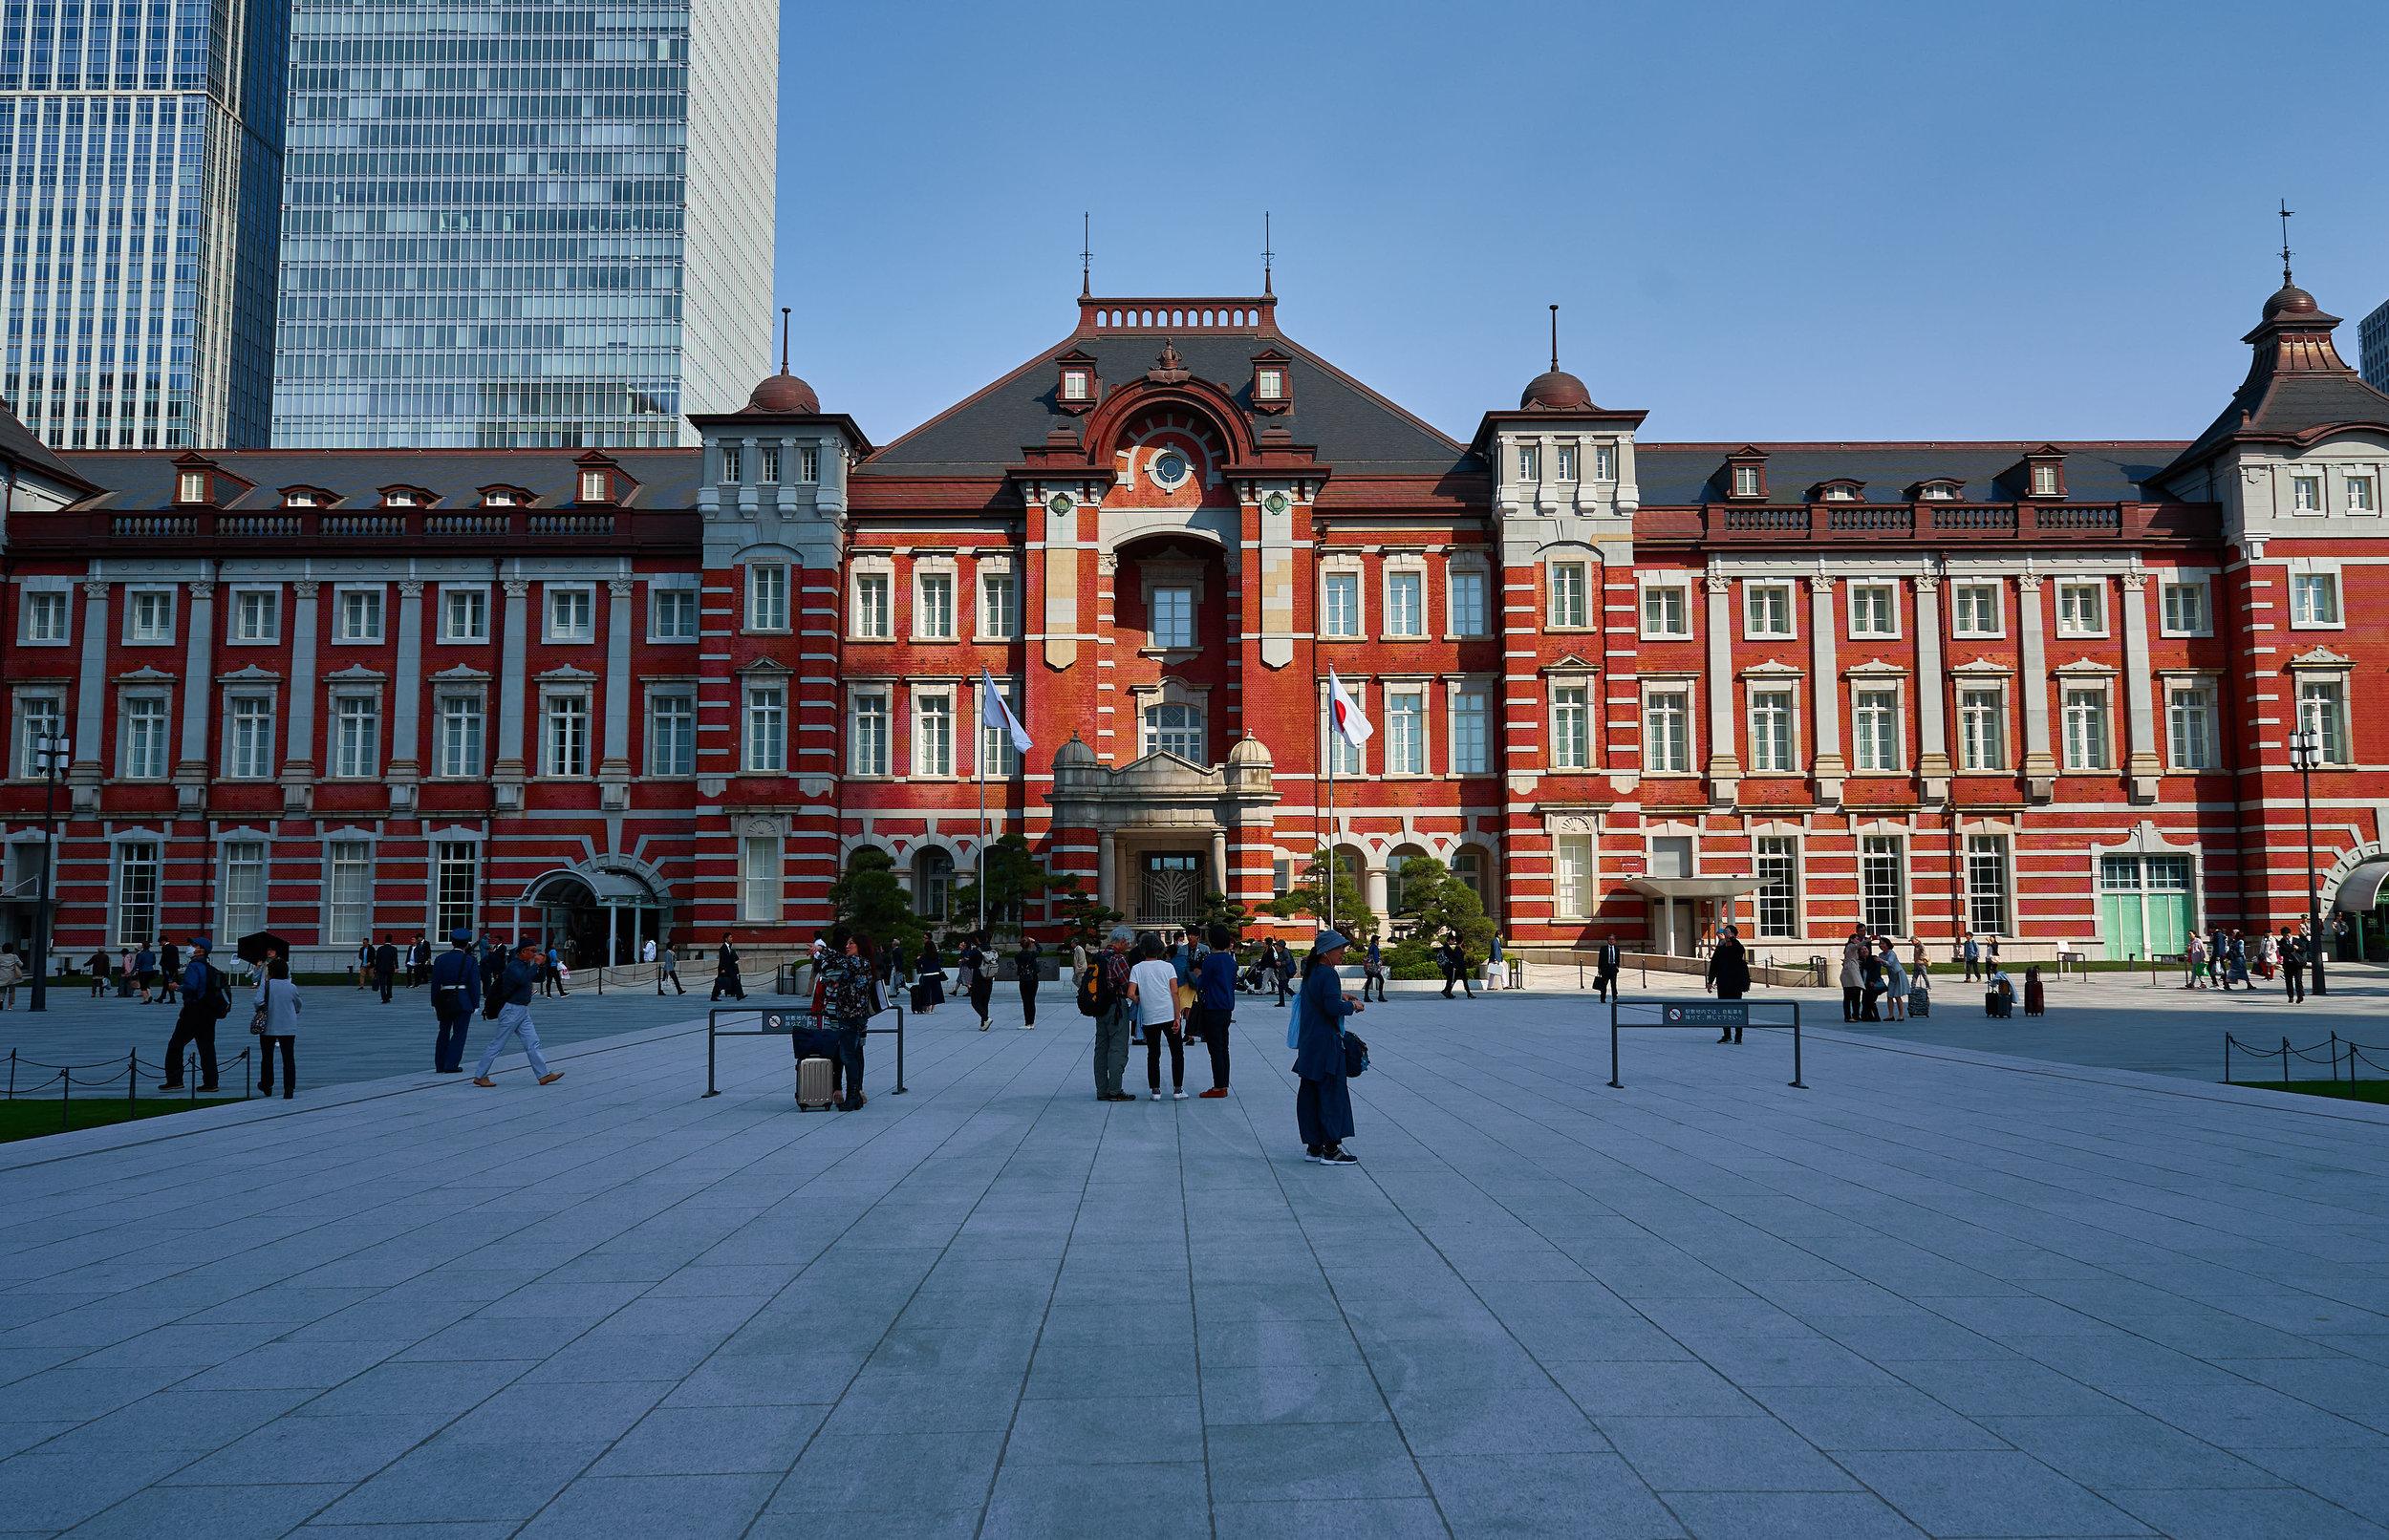 Tokio_Bahnhof_train station outside_kom.jpg